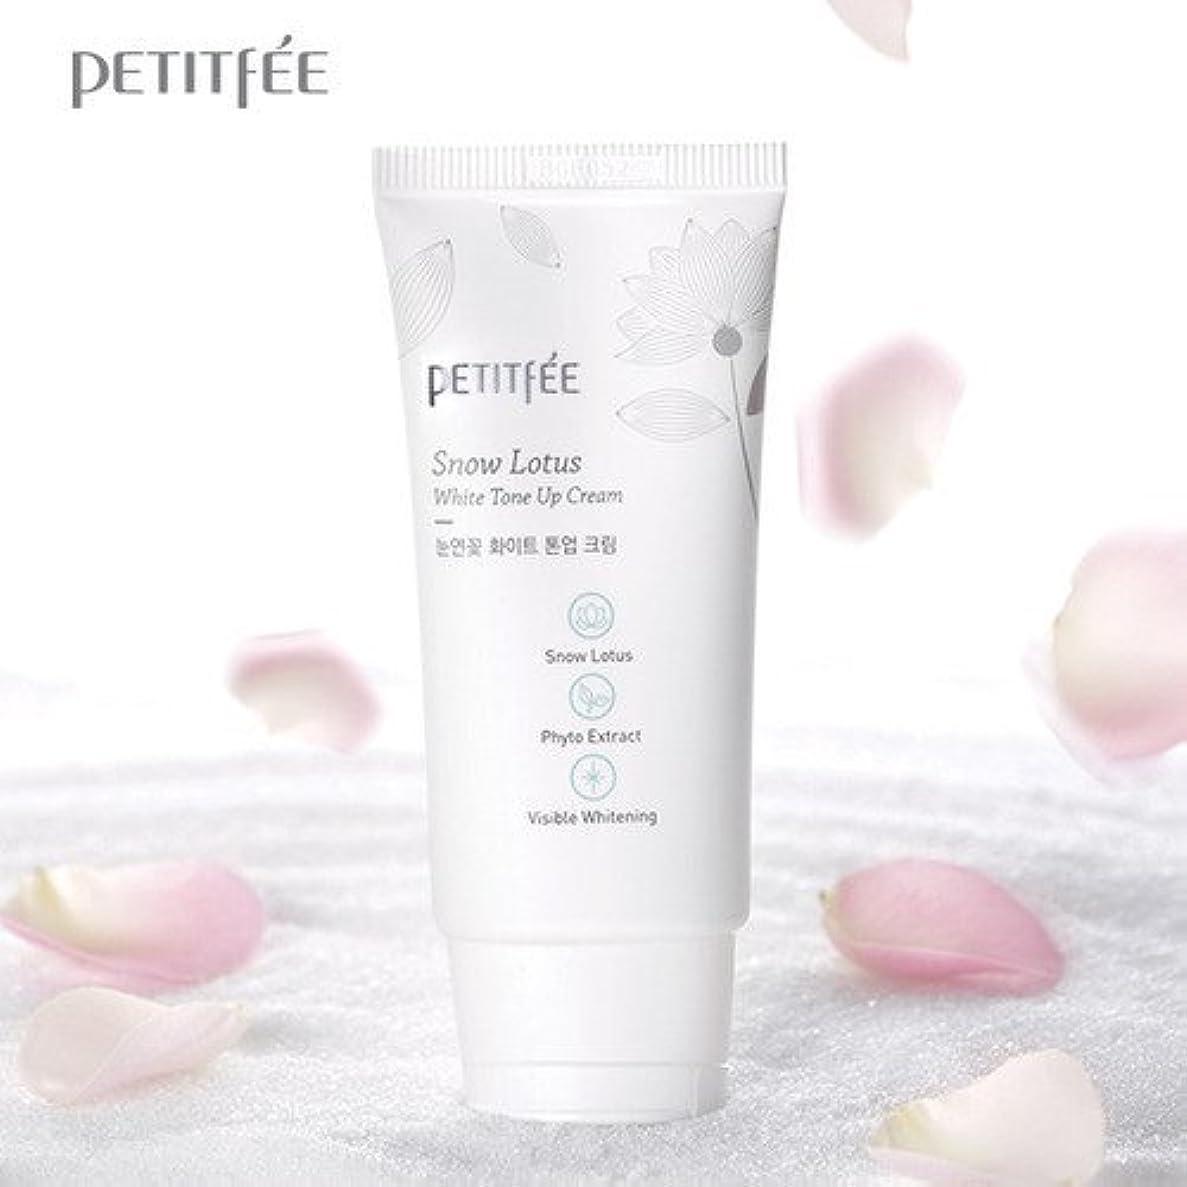 ペンダントミルオーナメントPETITFEE(プチペ) スノーはすばなホワイトトンアップクリーム 50ml/ Petitfee Snow Lotus White Tone Up Cream 50ml [並行輸入品]